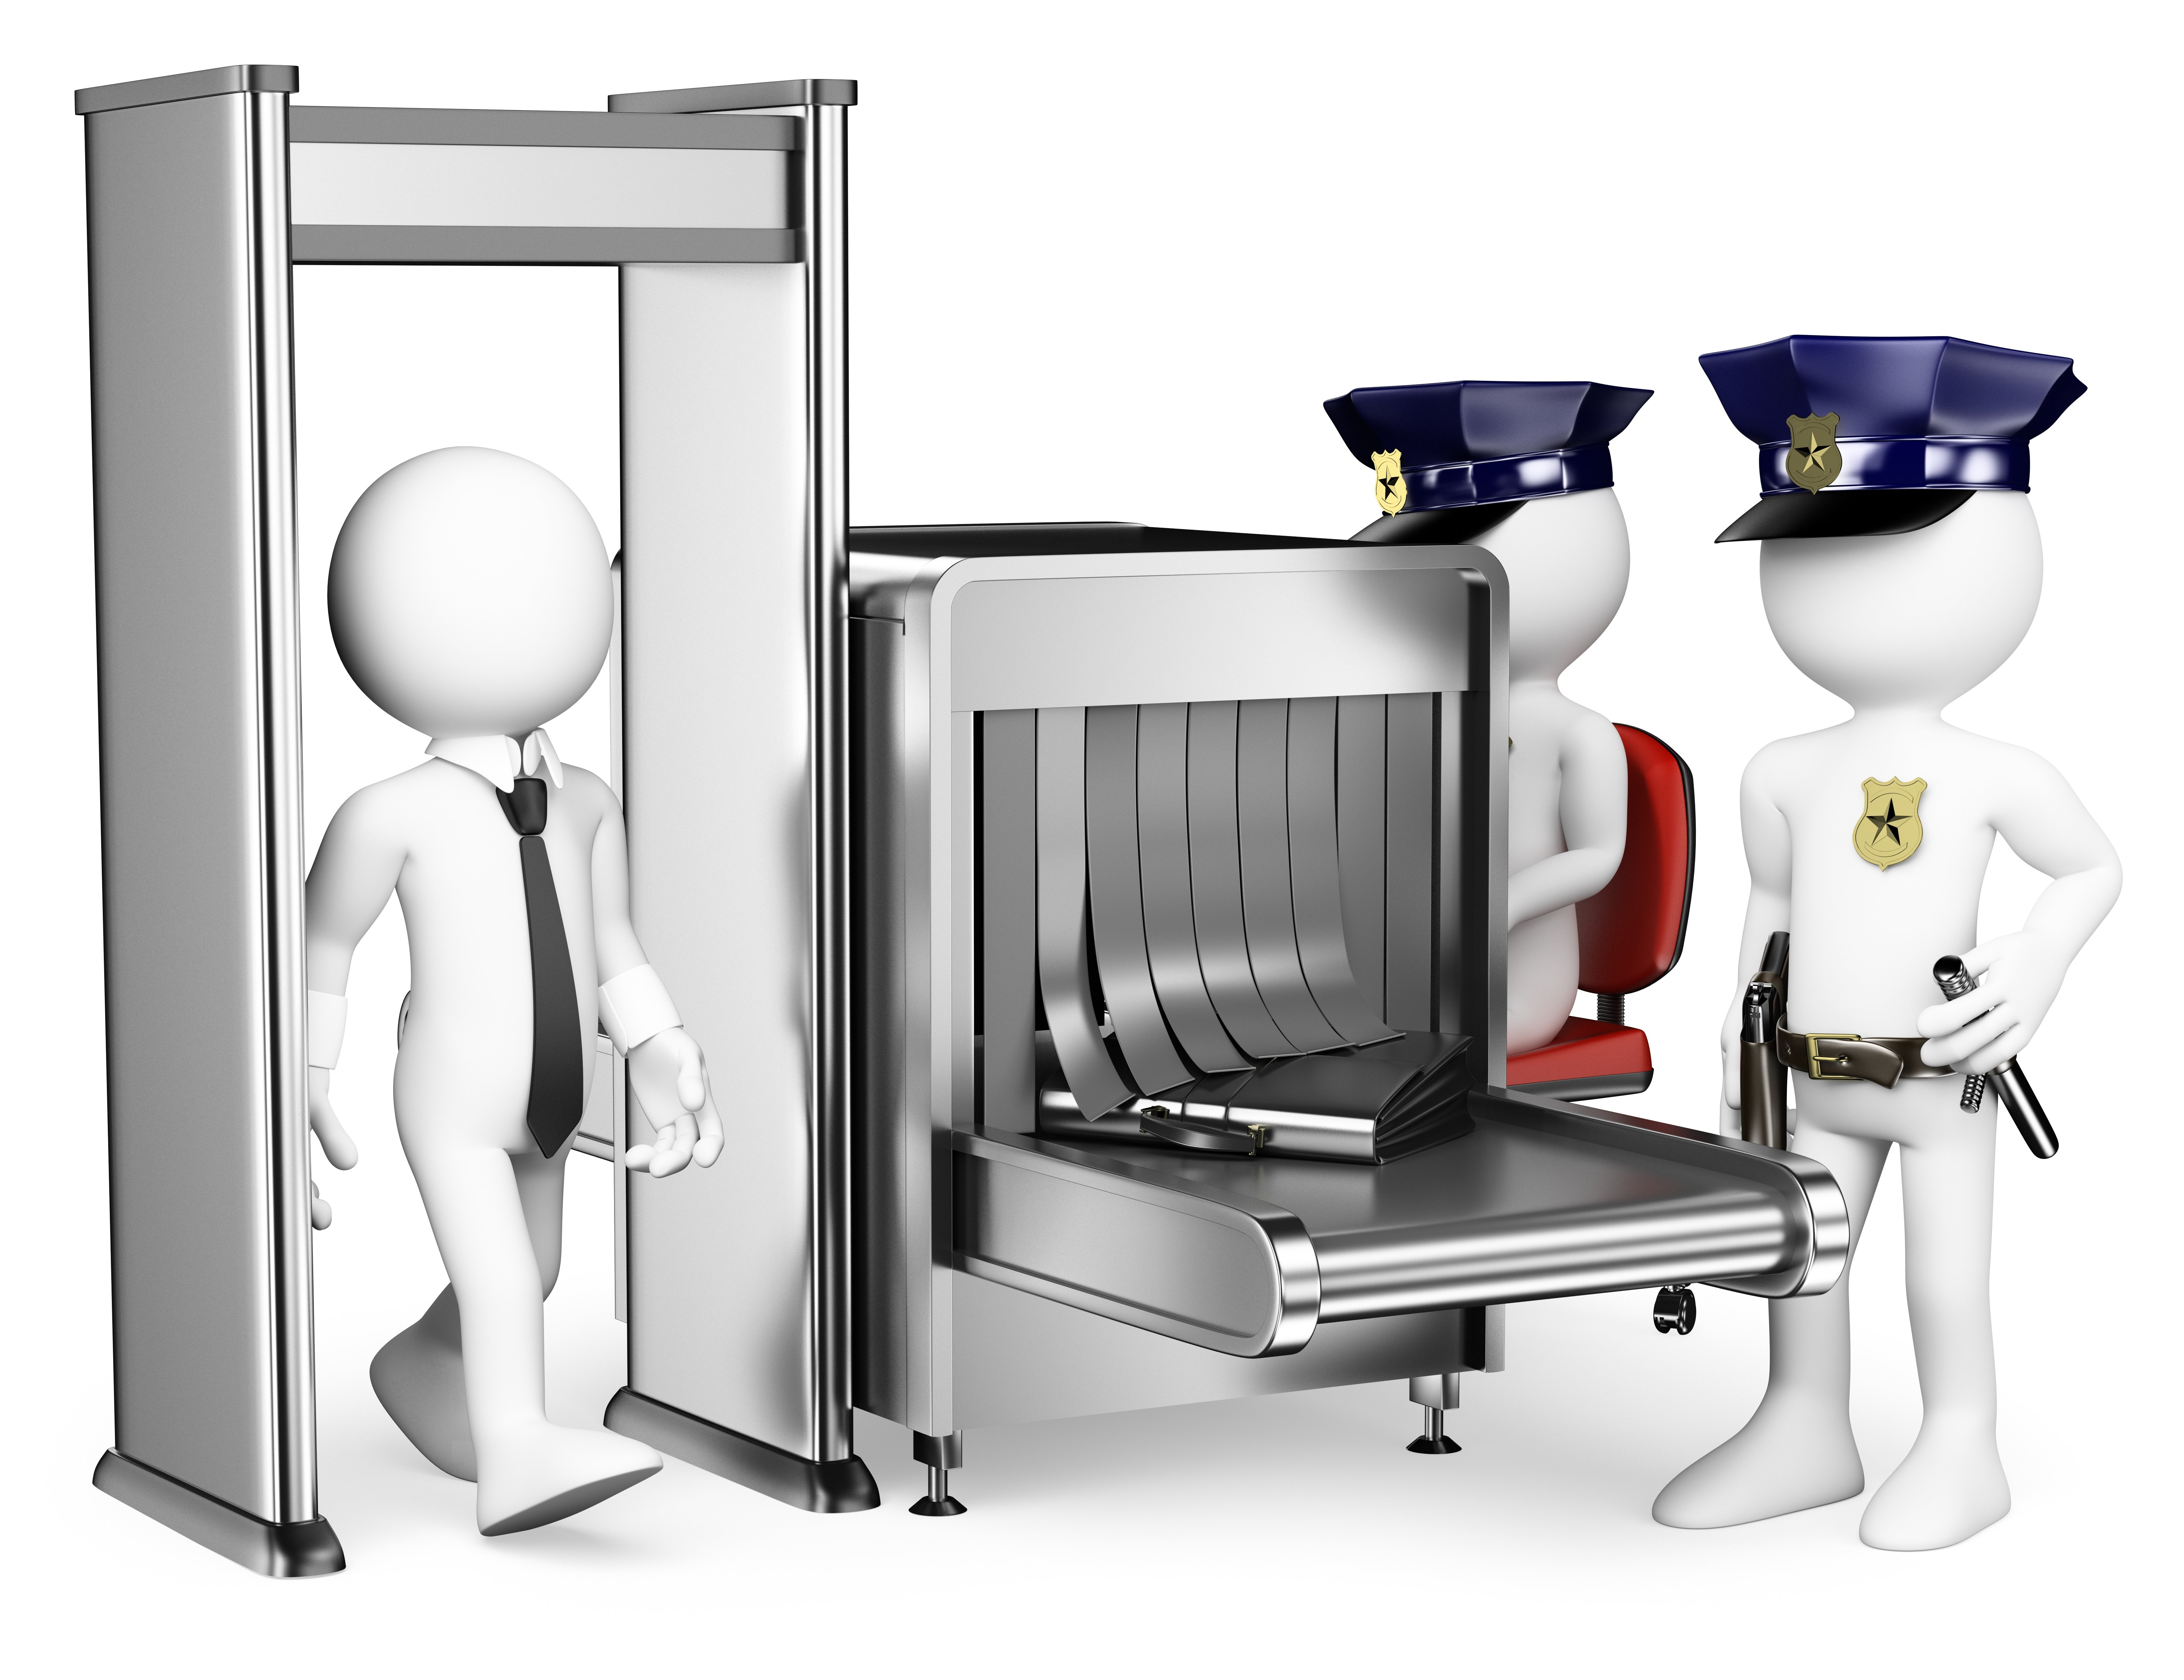 securityline